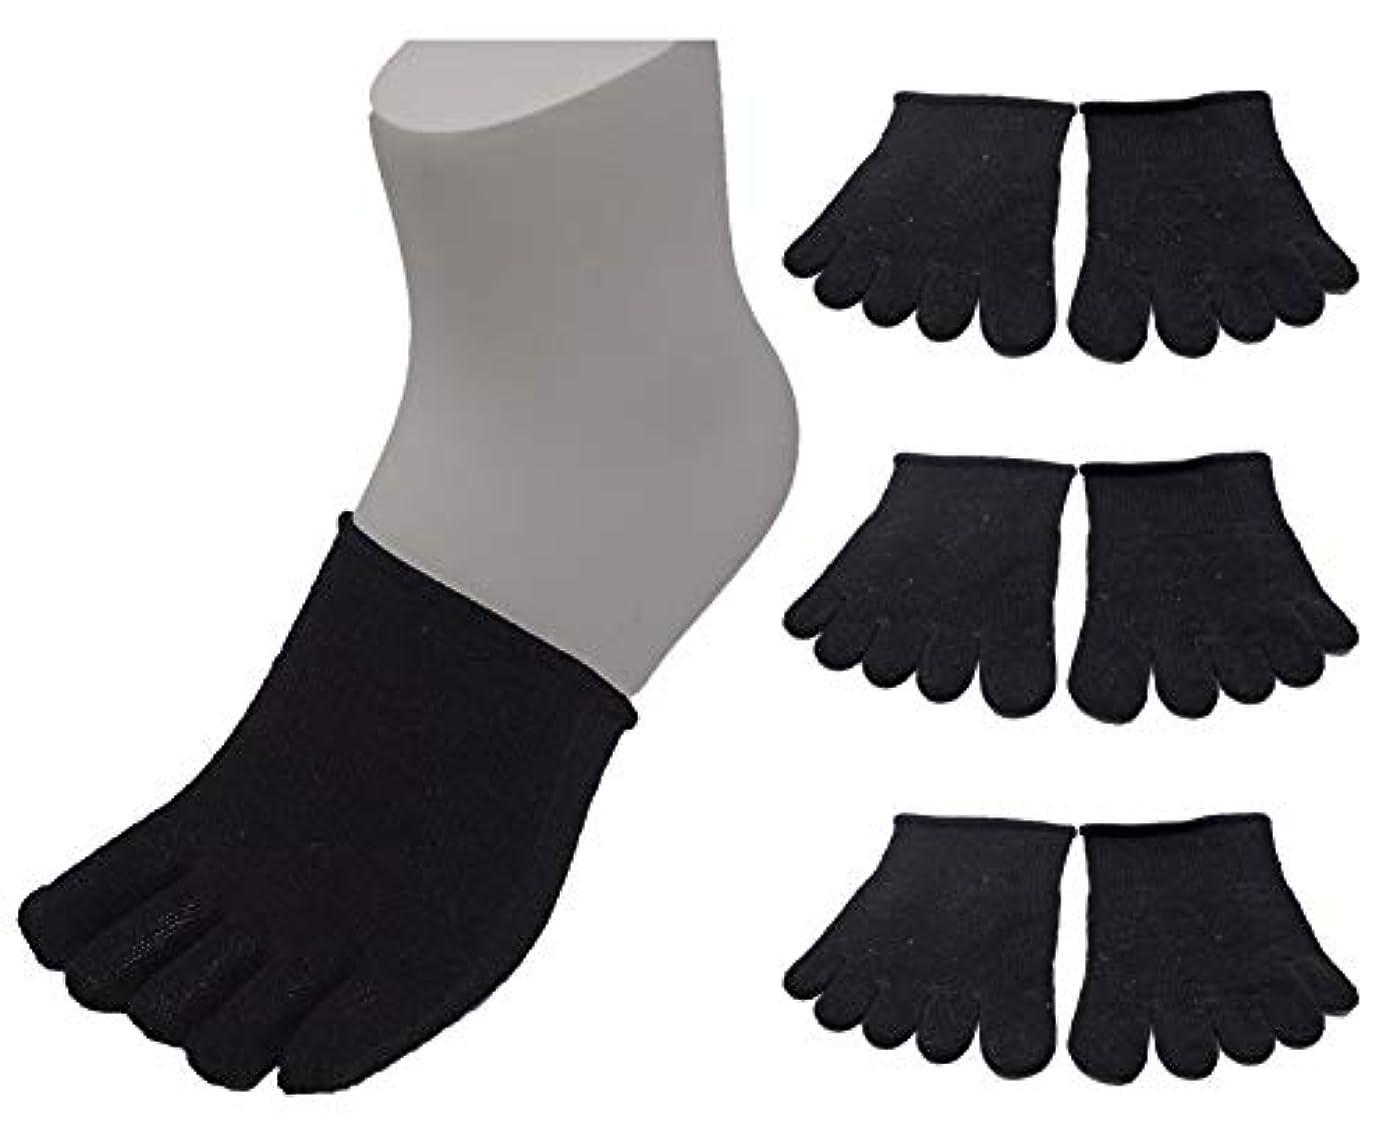 意識的義務づける信頼性のあるUSK STORE シルク 5本指ハーフソックス 3足セット 重ね履き 冷え取り 天然素材 男女兼用 22-27cm (黒)